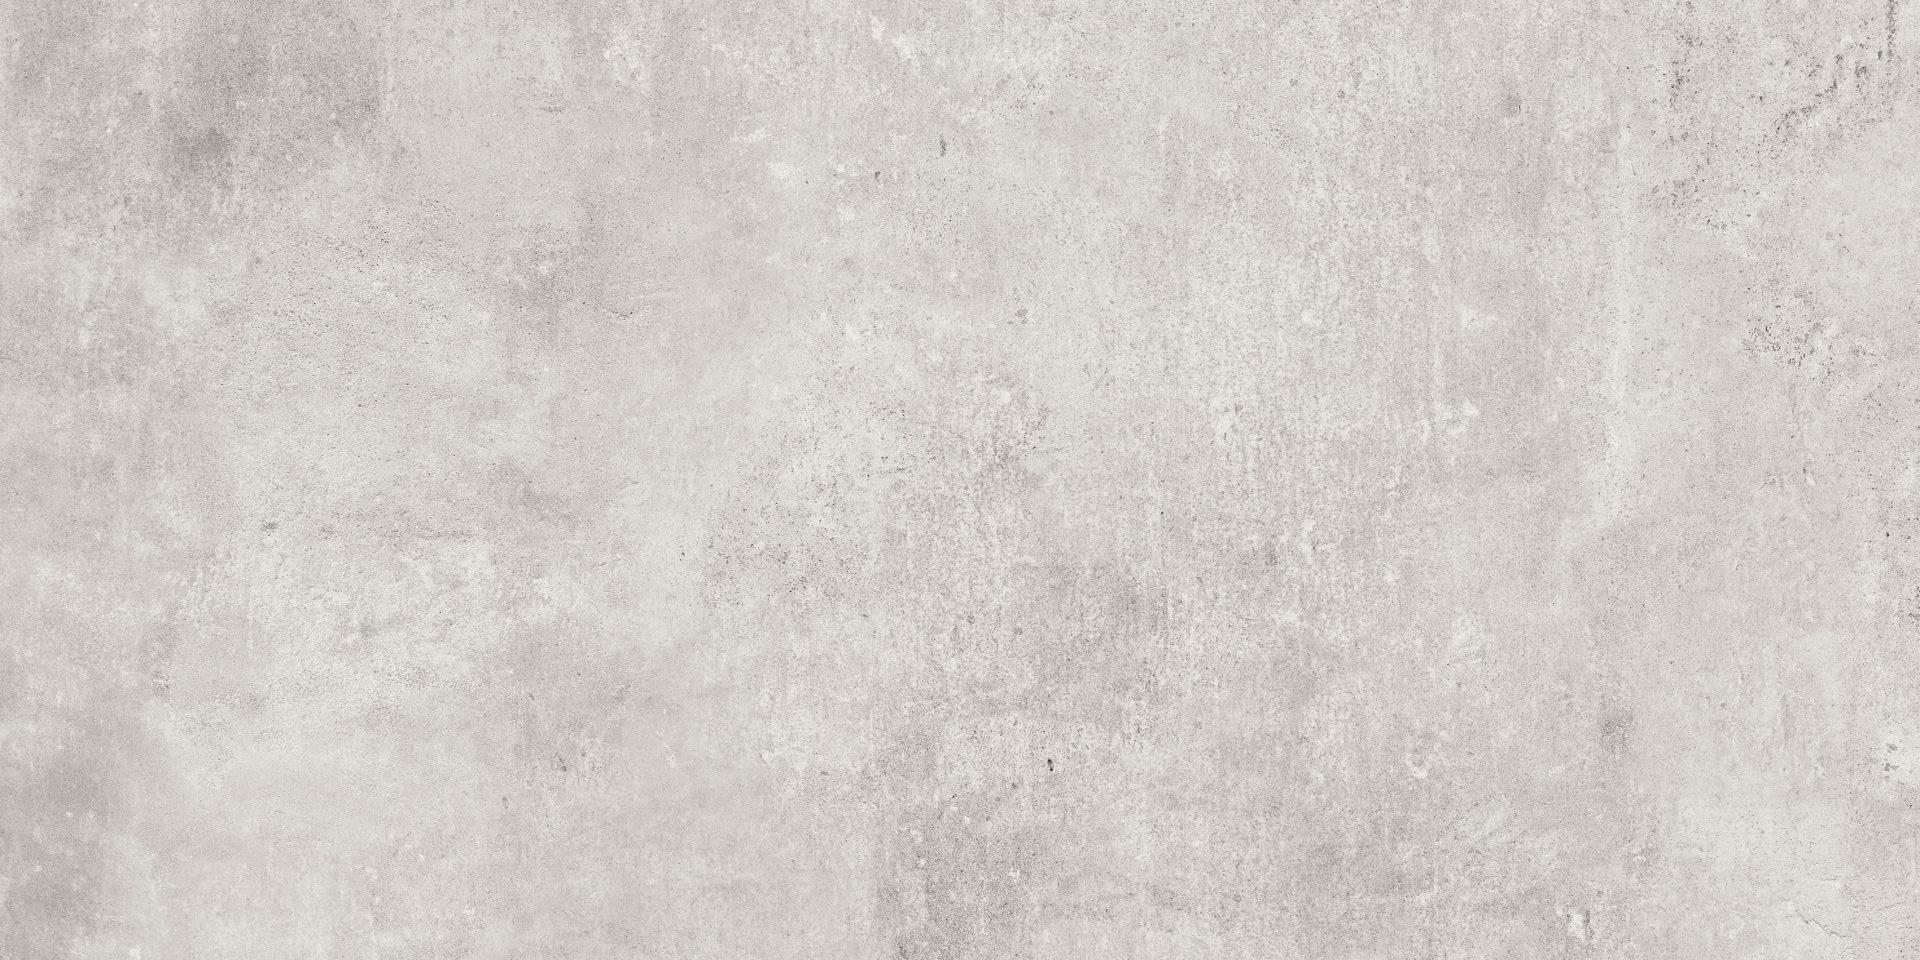 Softcement white poler - dlaždice rektifikovaná 59,7x119,7 bílá